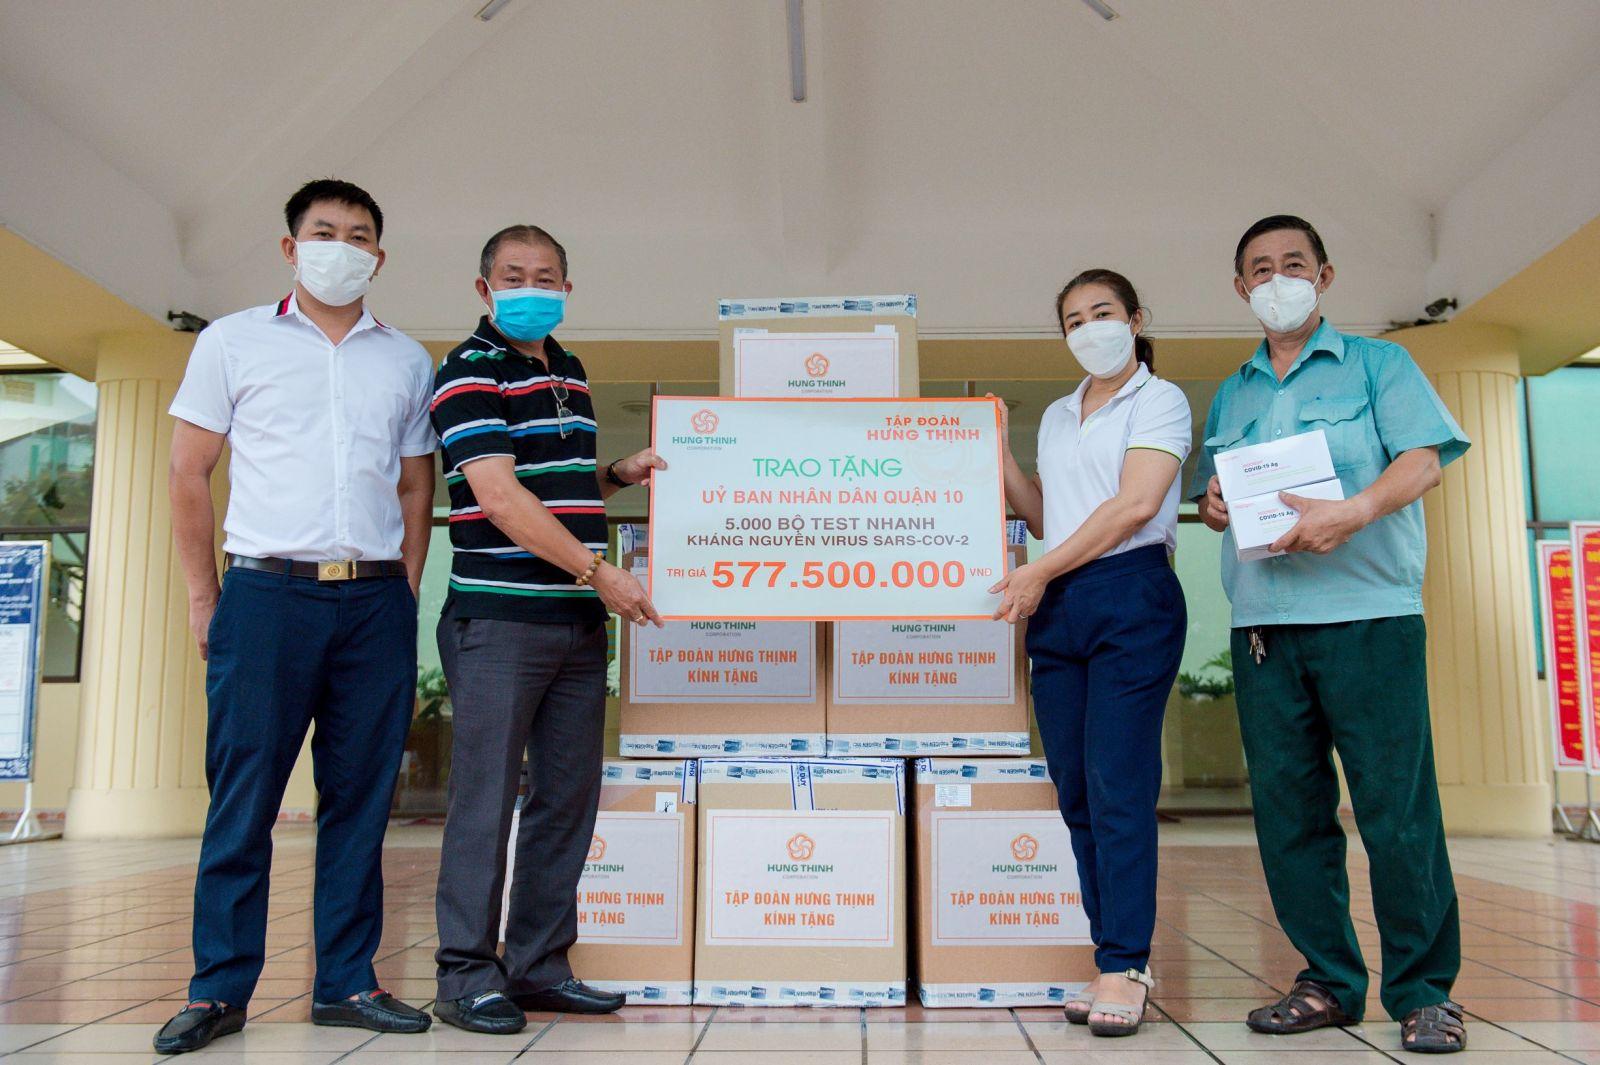 Đại diện Tập đoàn Hưng Thịnh trao tặng 5.000 bộ kit xét nghiệm SARS-CoV-2 cho đại diện UBND Quận 3, TP.HCM